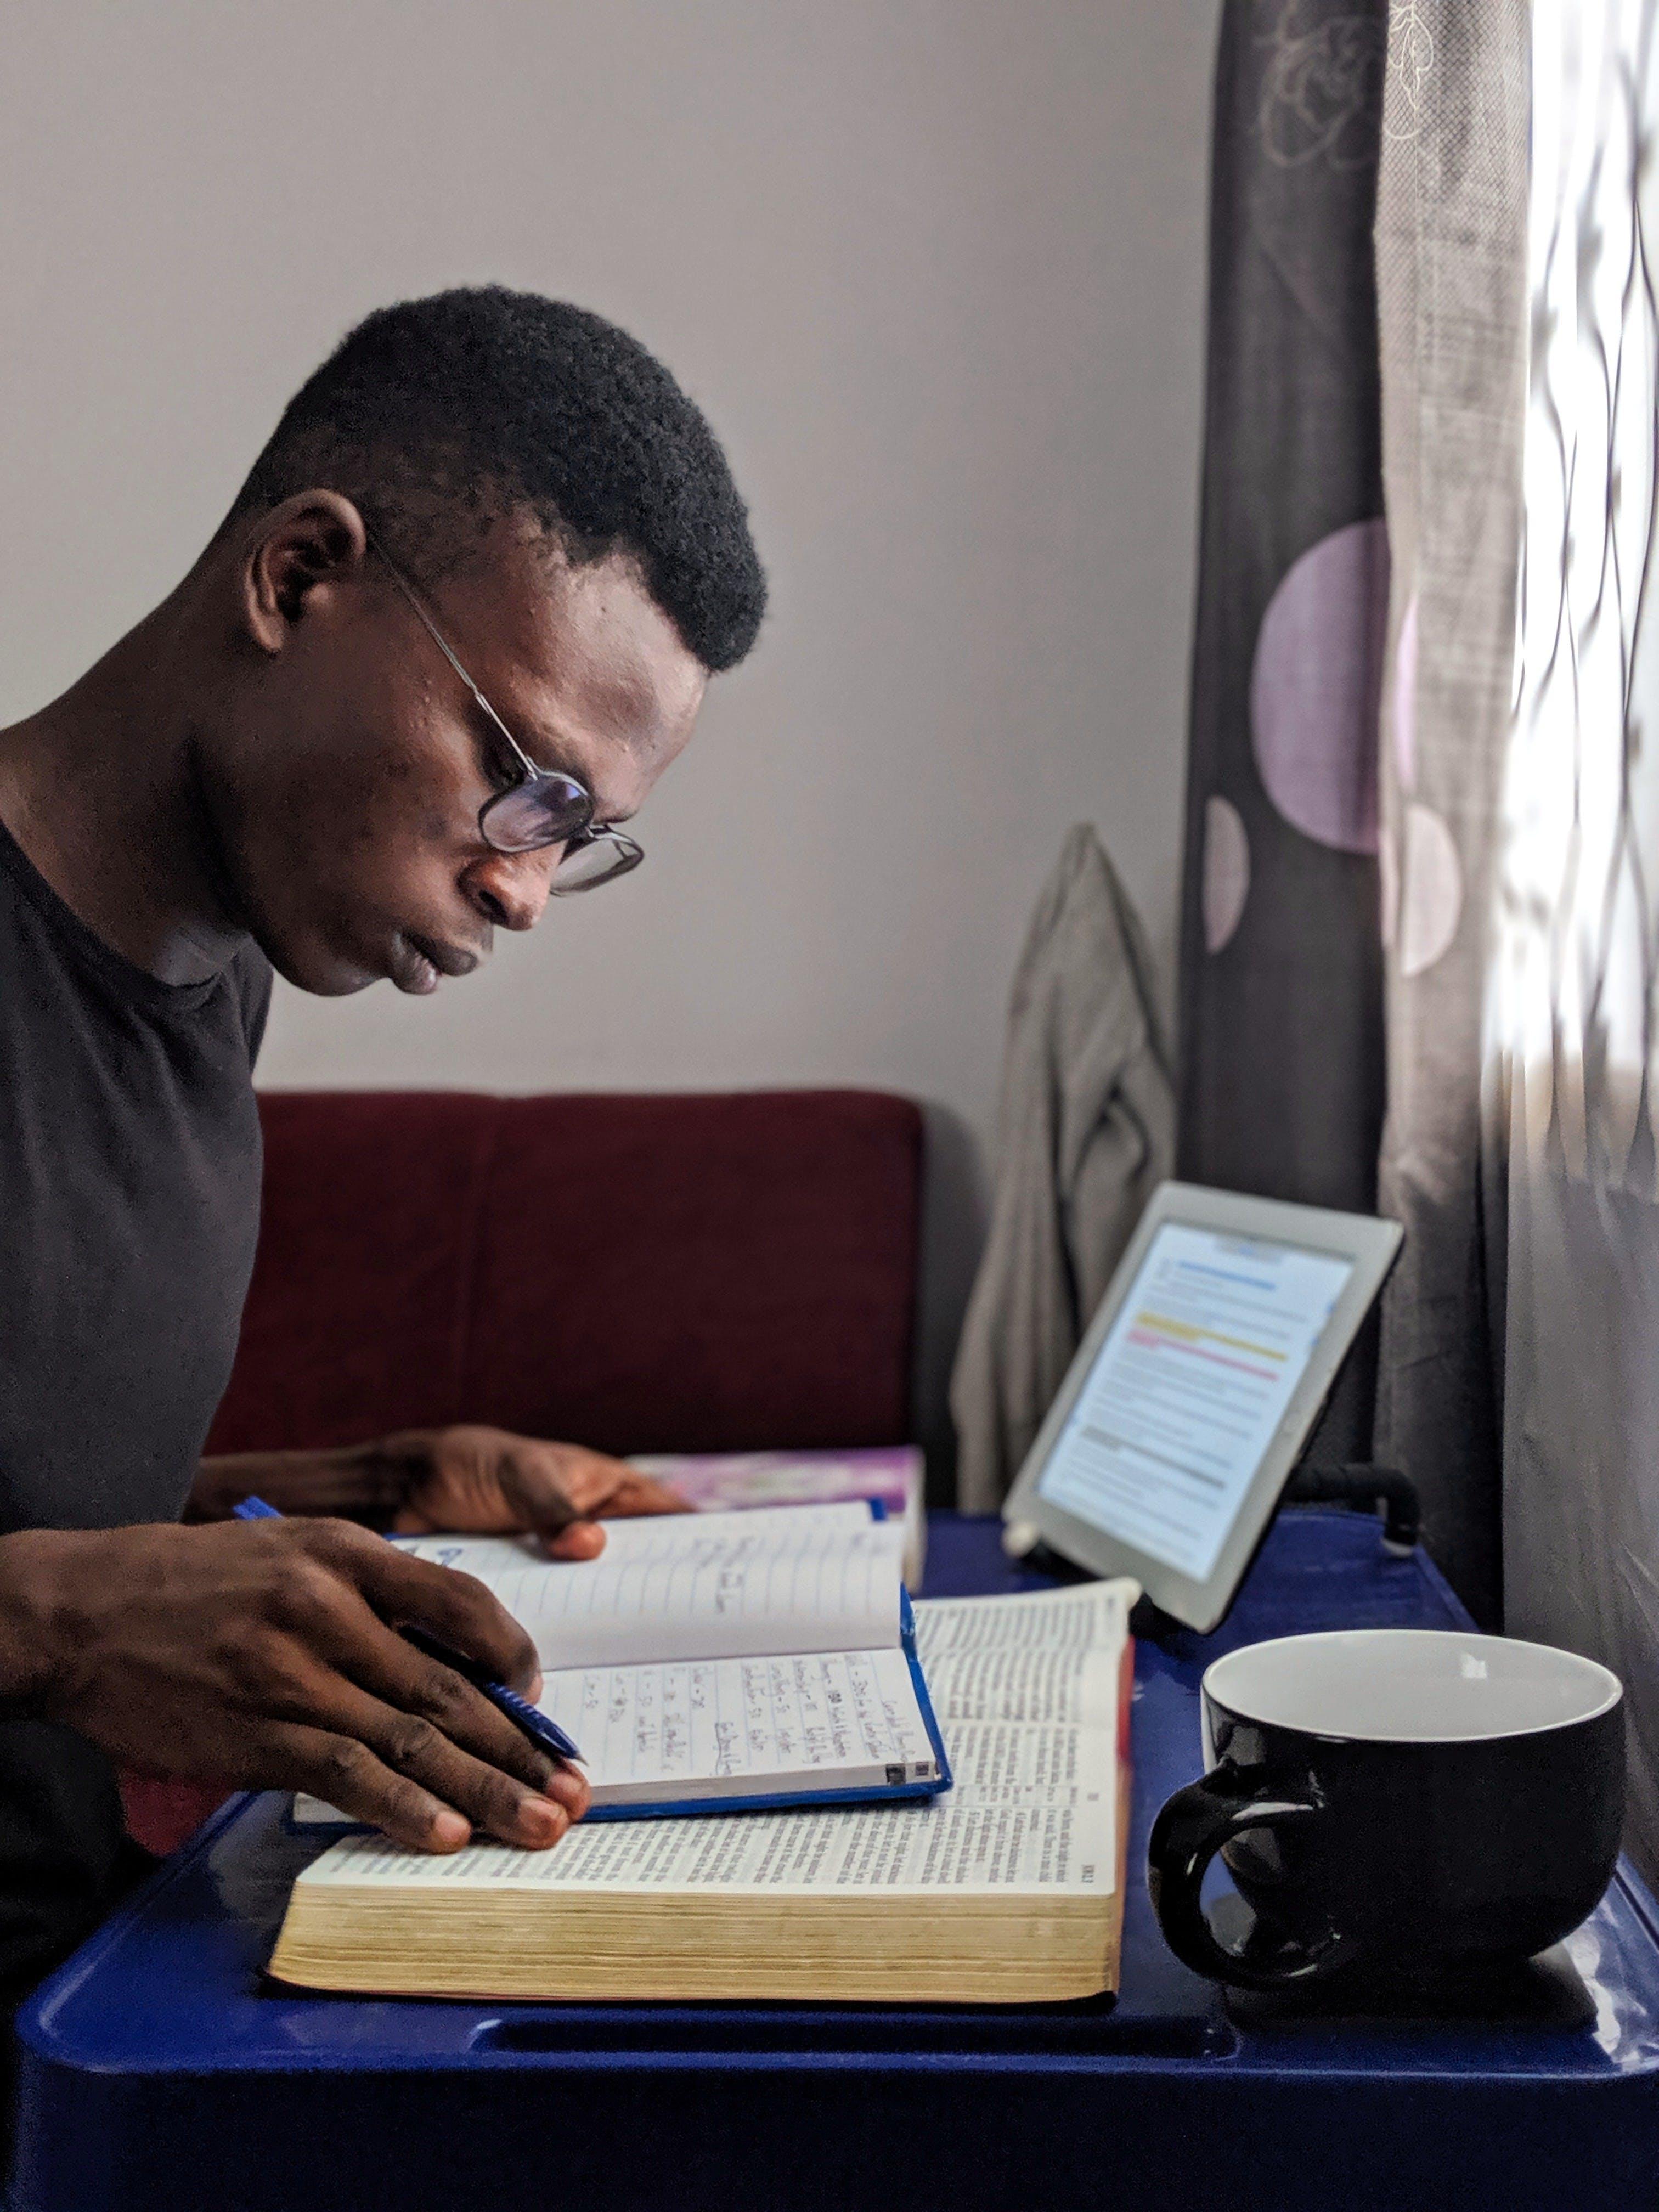 Foto d'estoc gratuïta de adult, africà, assegut, bíblia